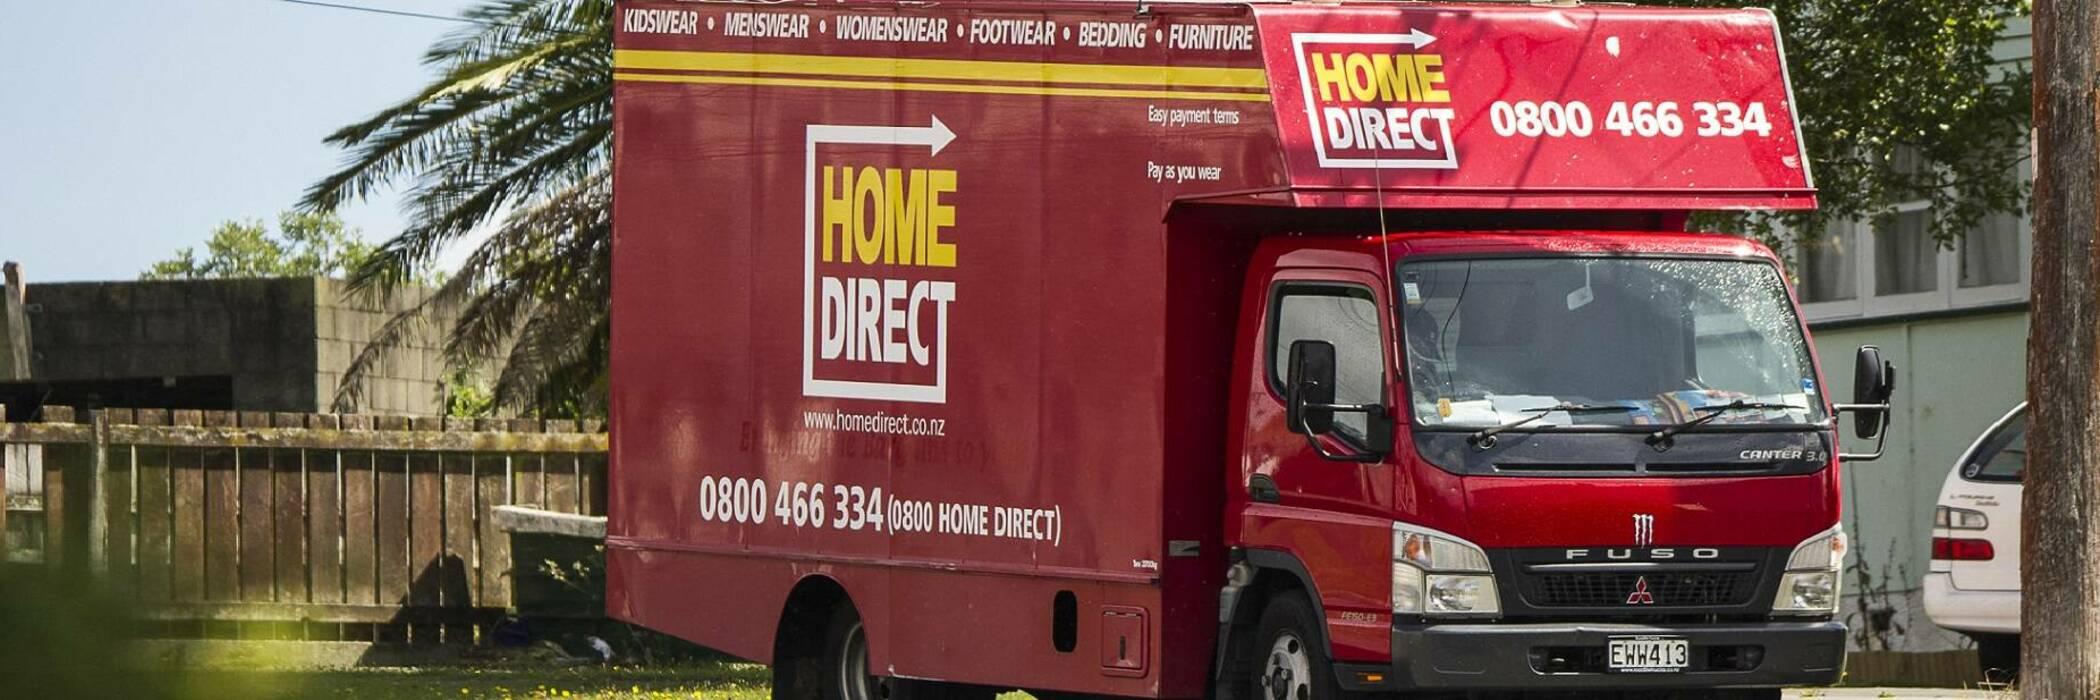 31mar mobile truck shops hero